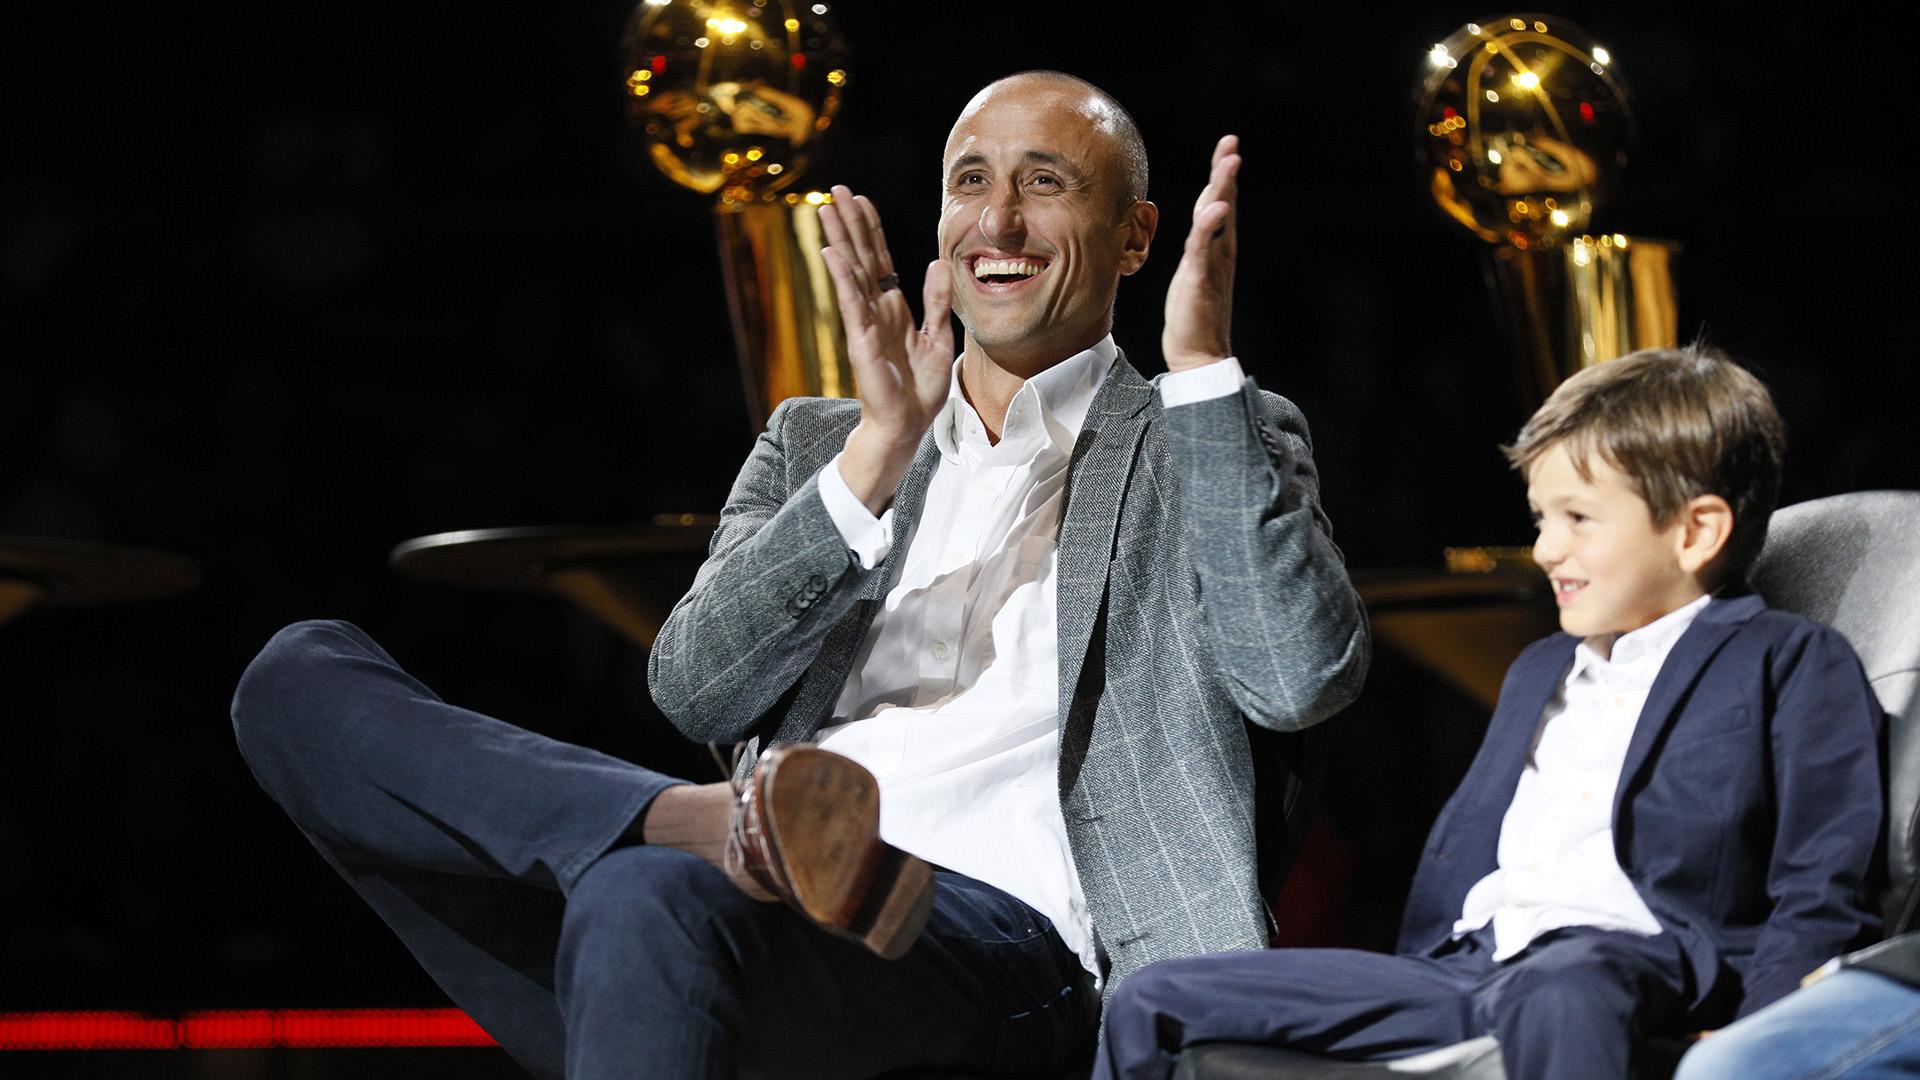 El ex jugador de los San Antonio Spurs, Manu Ginóbili, reacciona durante la ceremonia de retiro de su camiseta en el AT&T Center luego de un juego entre los Cleveland Cavaliers y los San Antonio Spurs